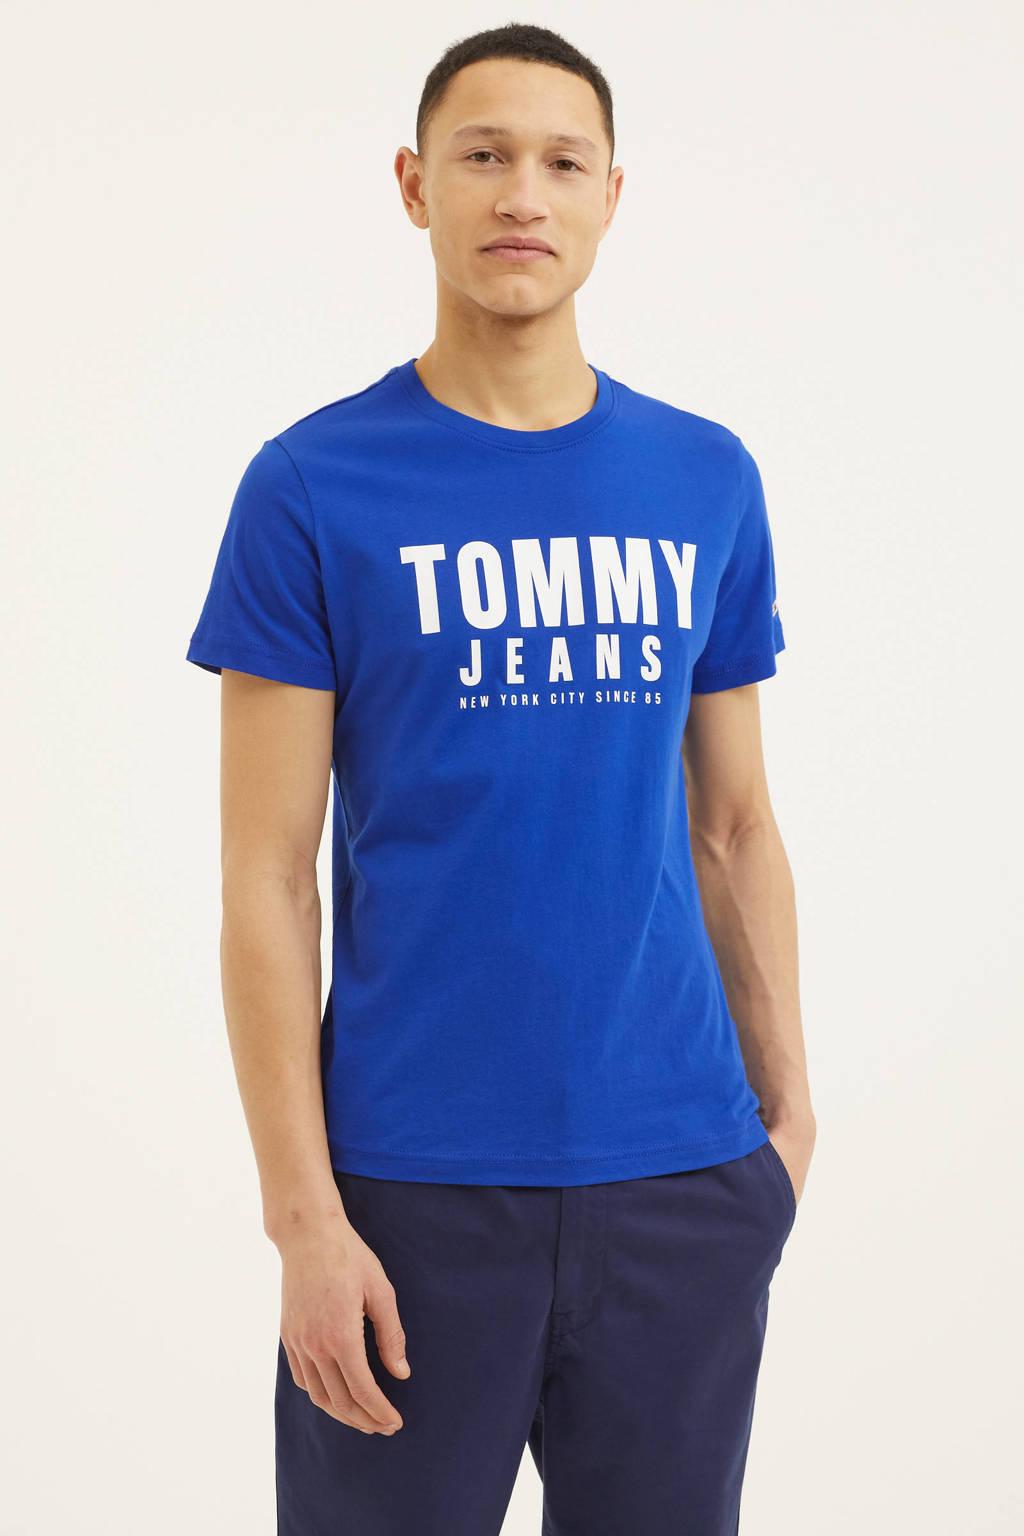 Tommy Jeans T-shirt van biologisch katoen kobalt blauw, Kobalt blauw